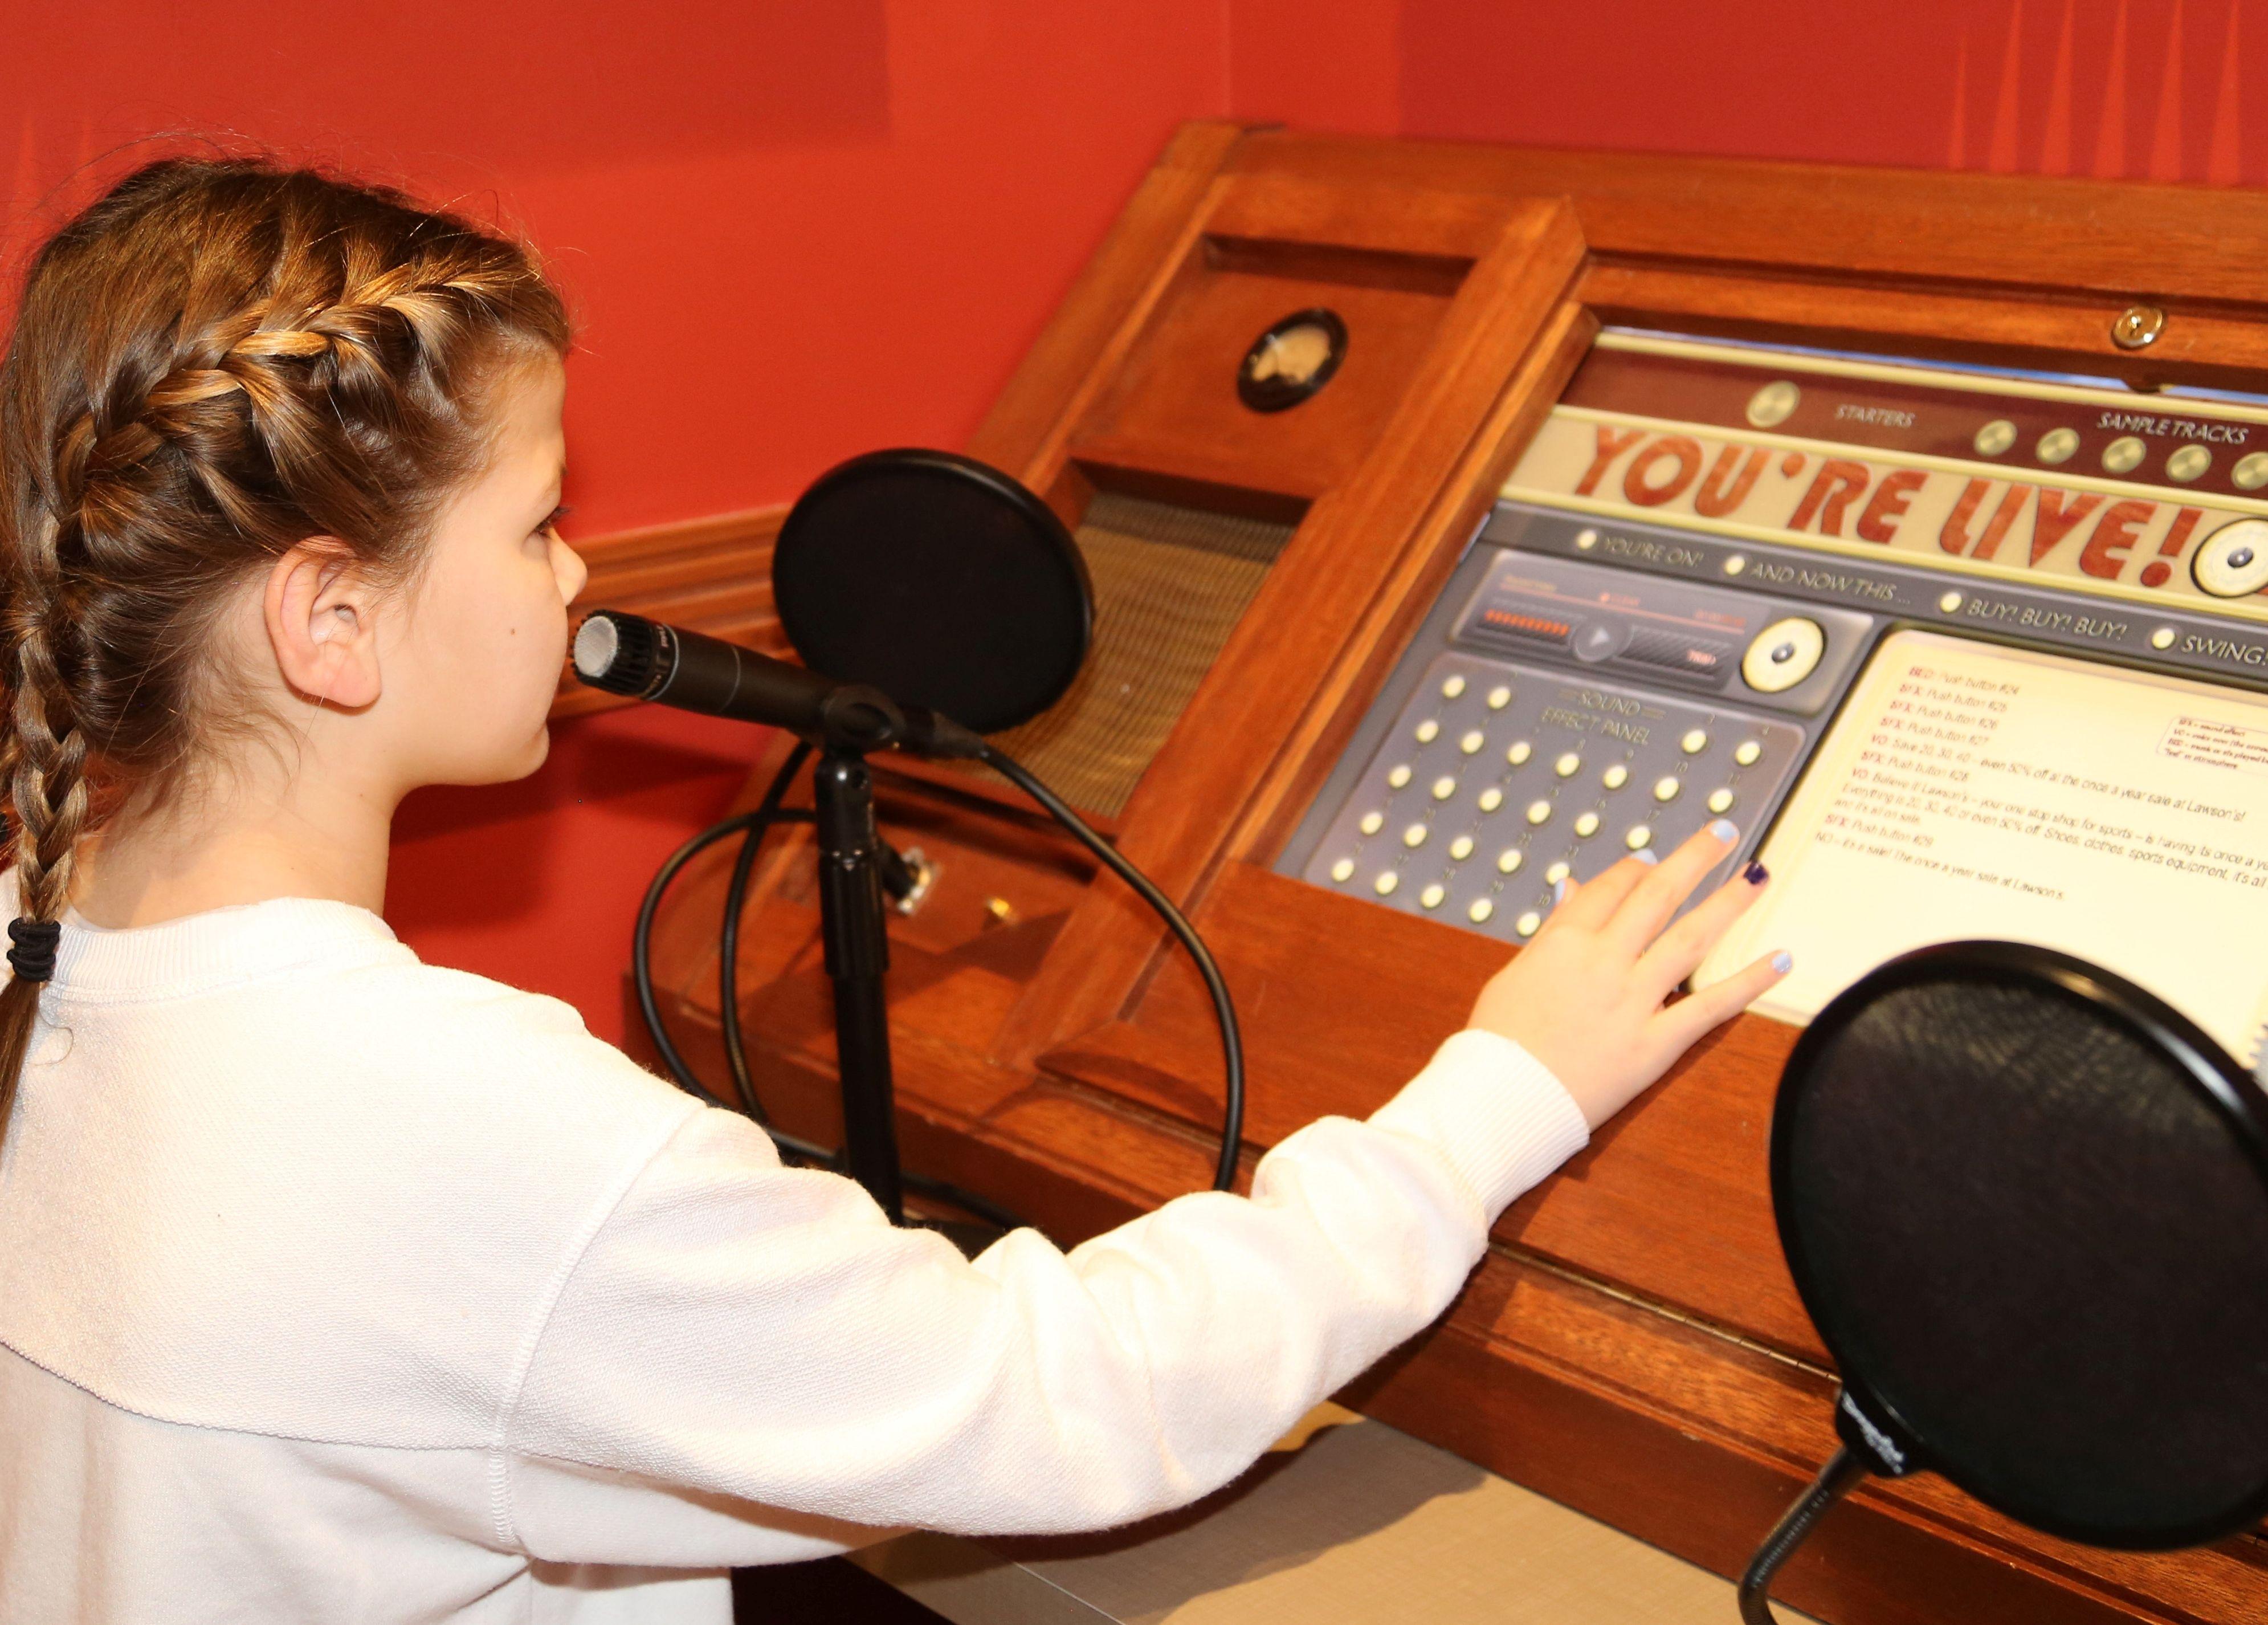 World of Radio